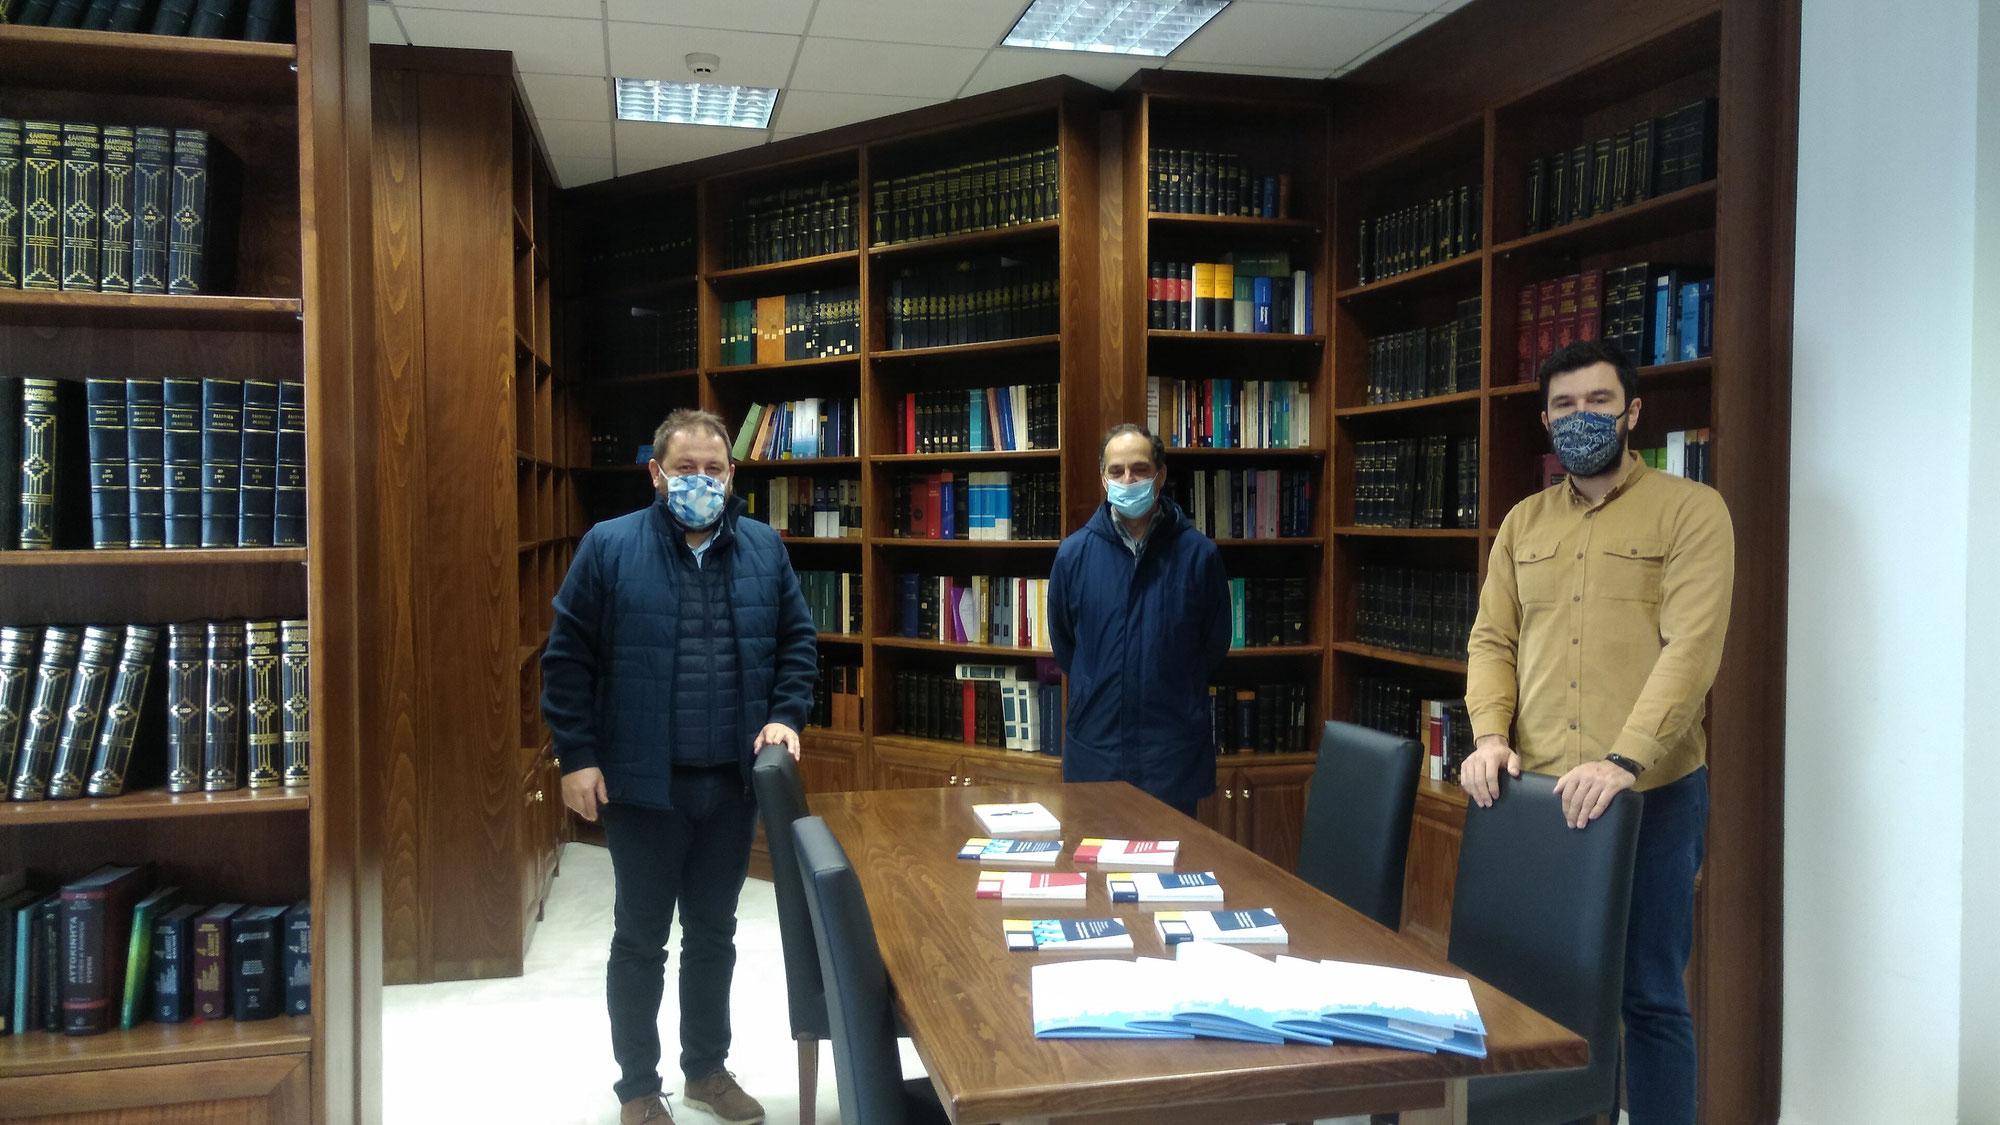 Έντυπο ενημερωτικό υλικό και εκδόσεις της Ευρωπαϊκής Επιτροπής στον Δήμο Καστοριάς και Δήμο Γρεβενών, από το EDIC Δυτικής Μακεδονίας